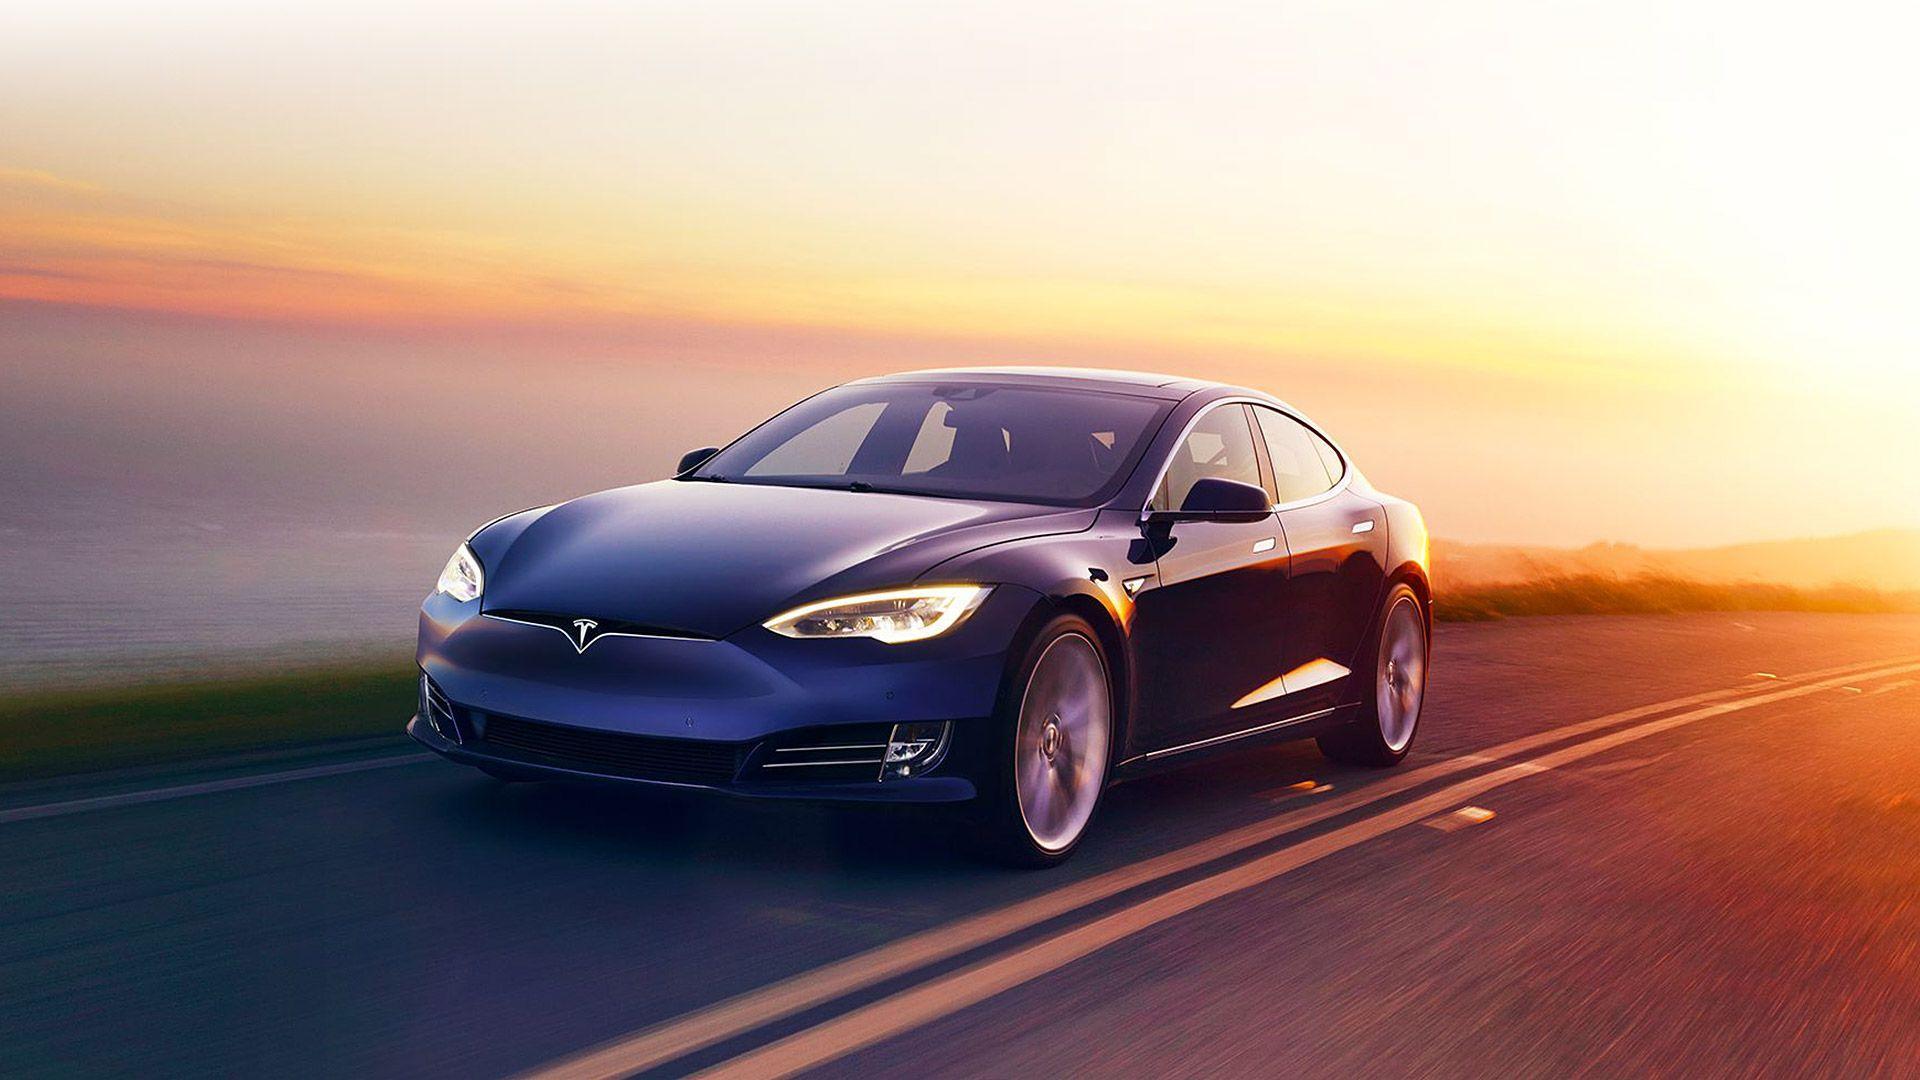 Tesla Car Wallpapers Top Free Tesla Car Backgrounds Wallpaperaccess